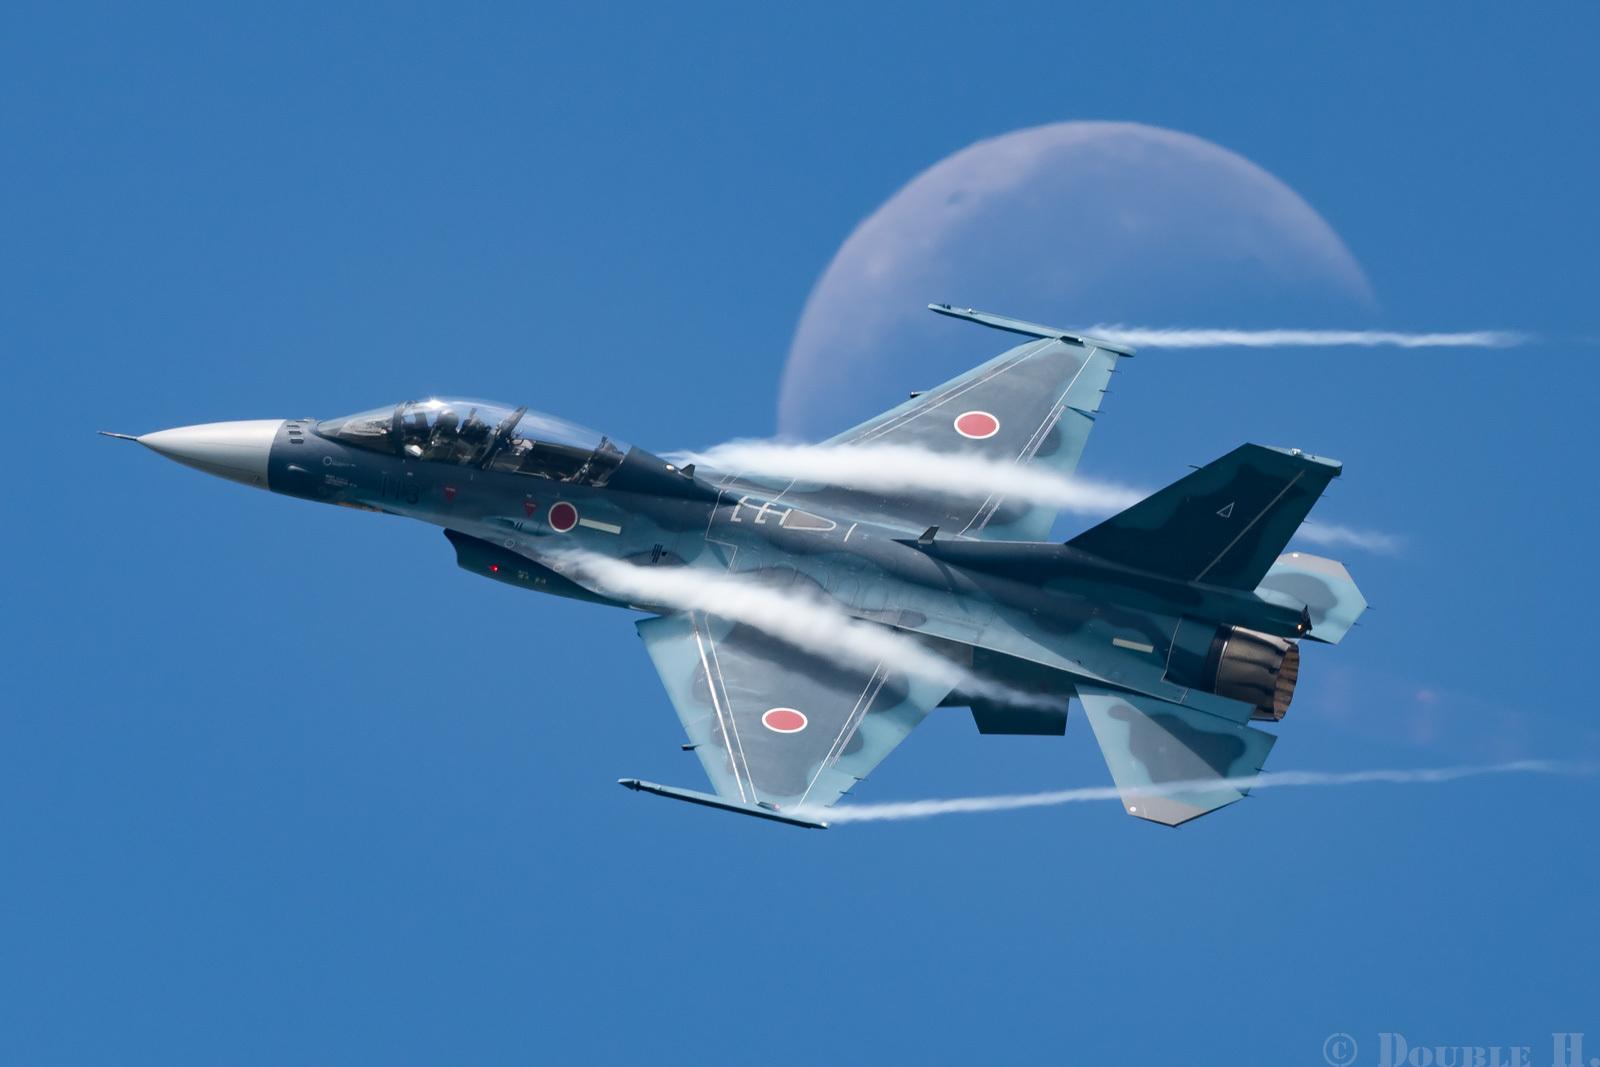 楽しすぎた松島基地航空祭で月絡み_e0401296_23524400.jpg